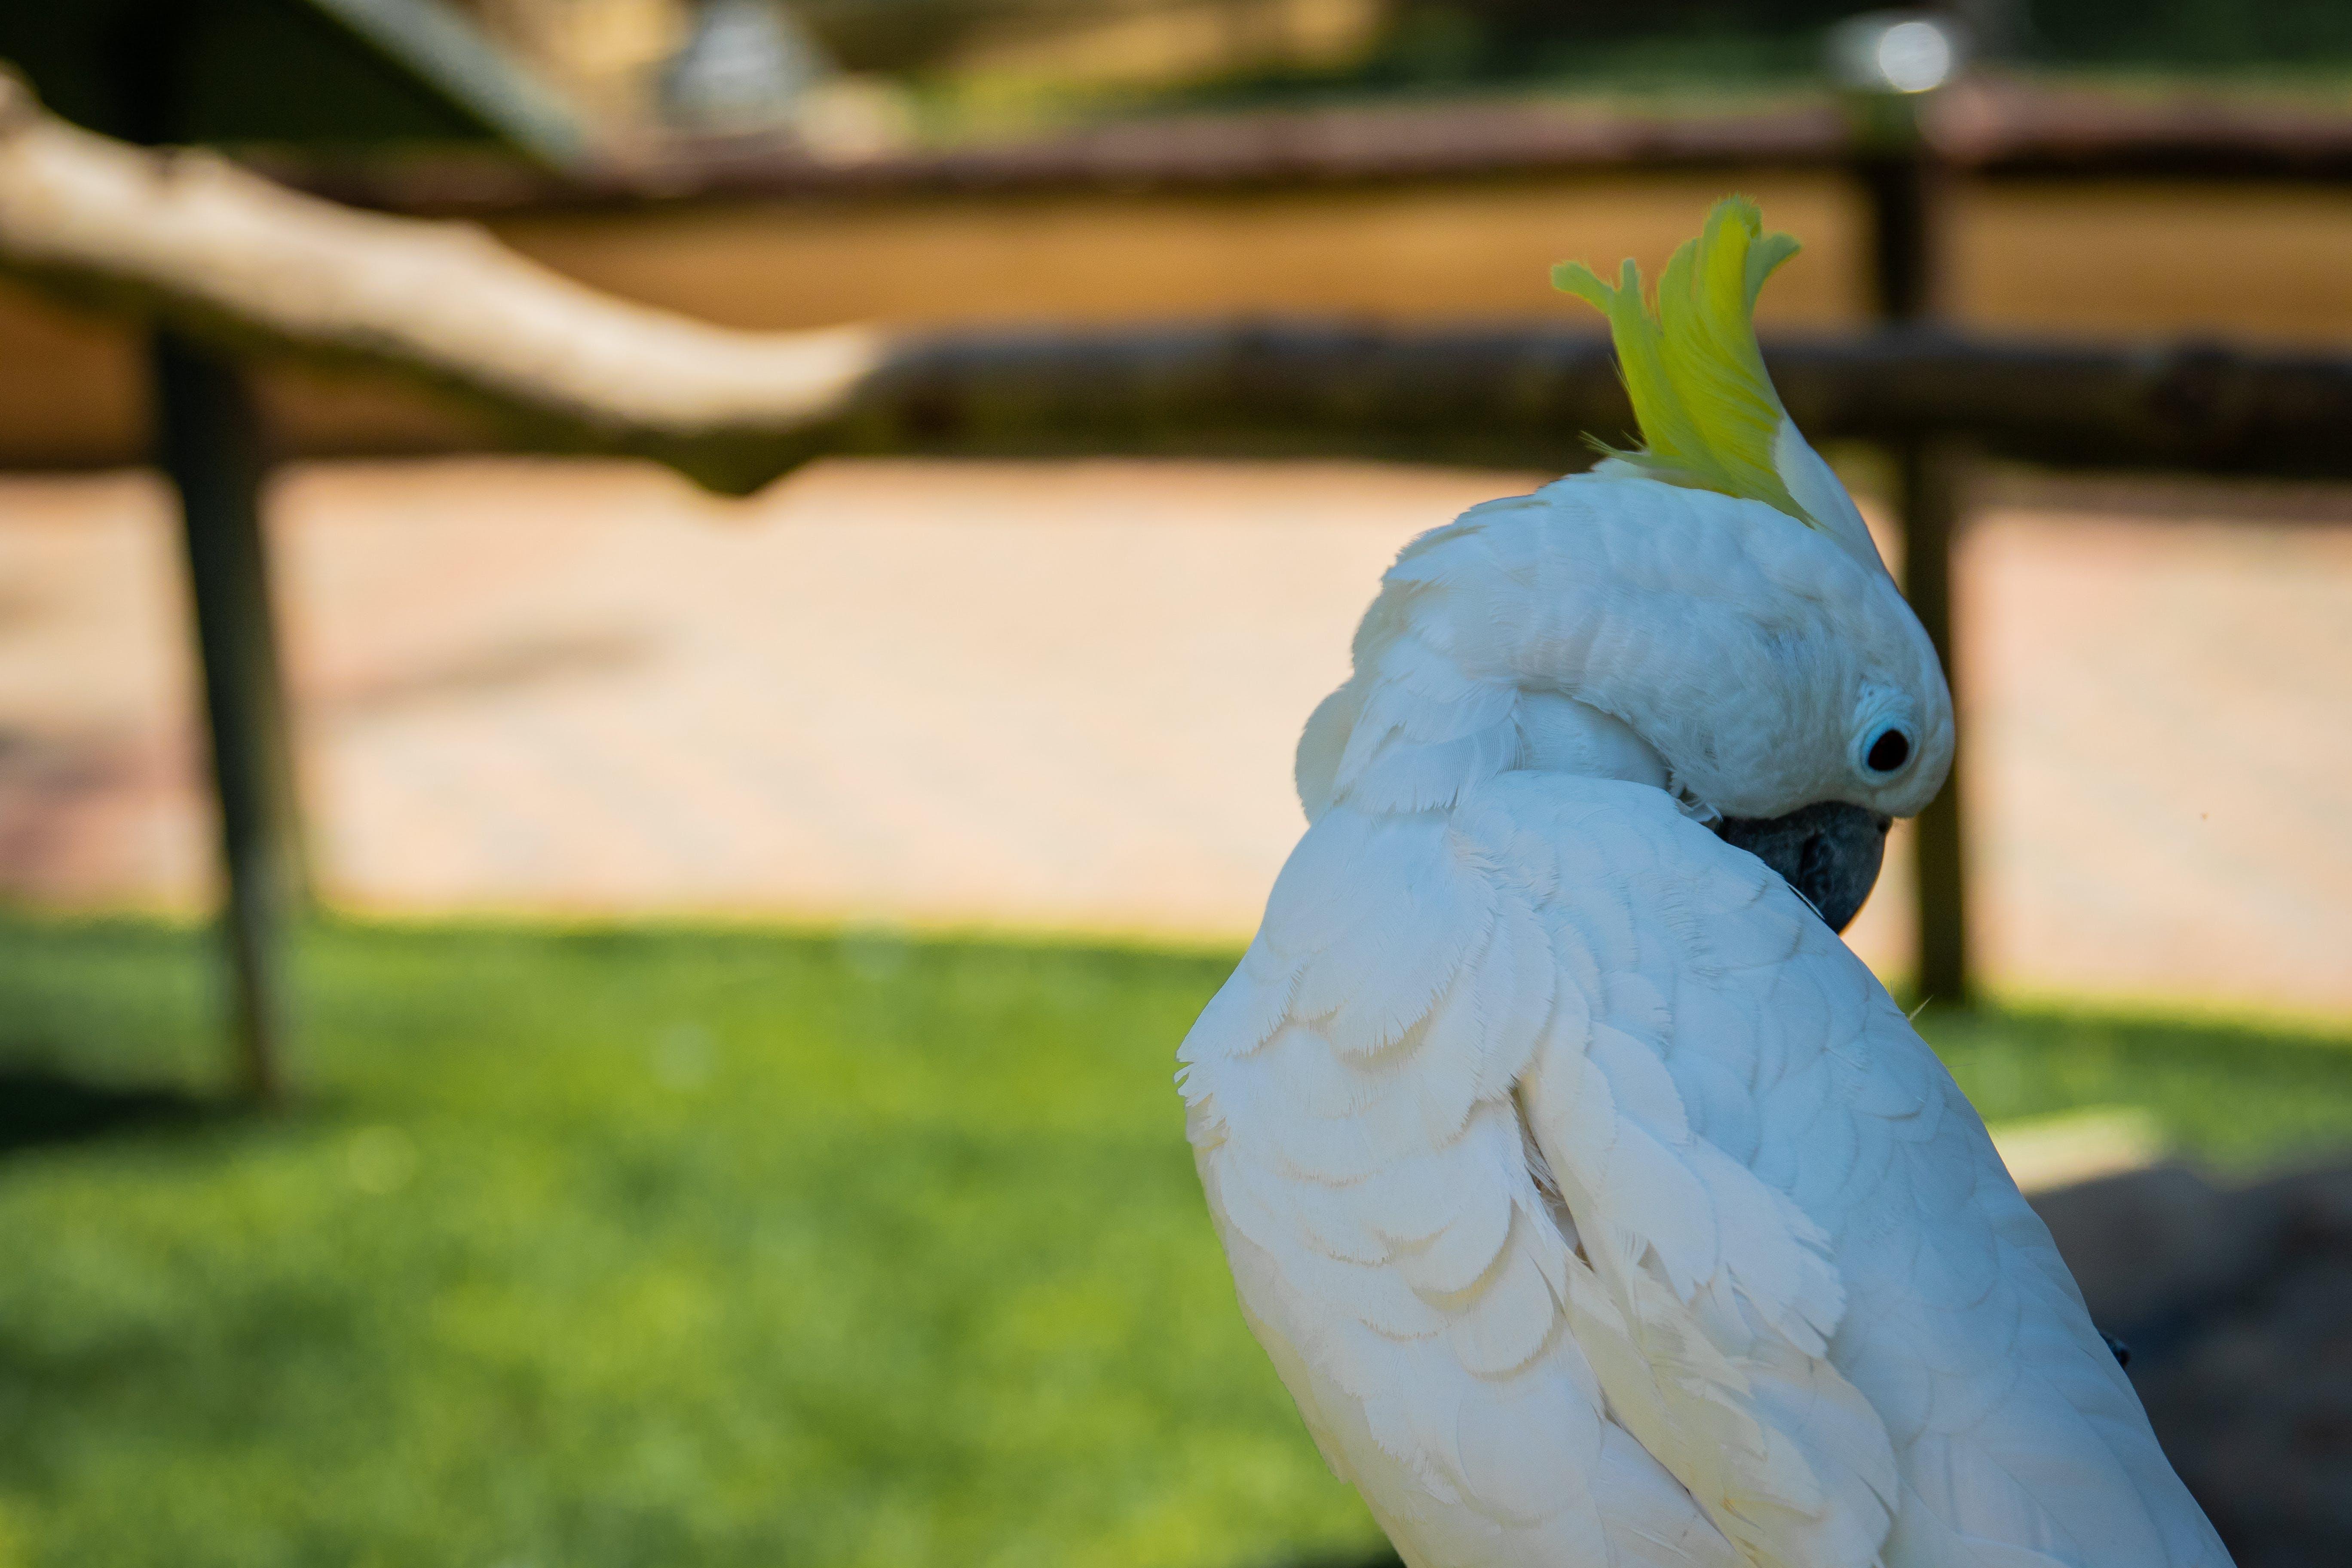 Free stock photo of nature, bird, cute, animals